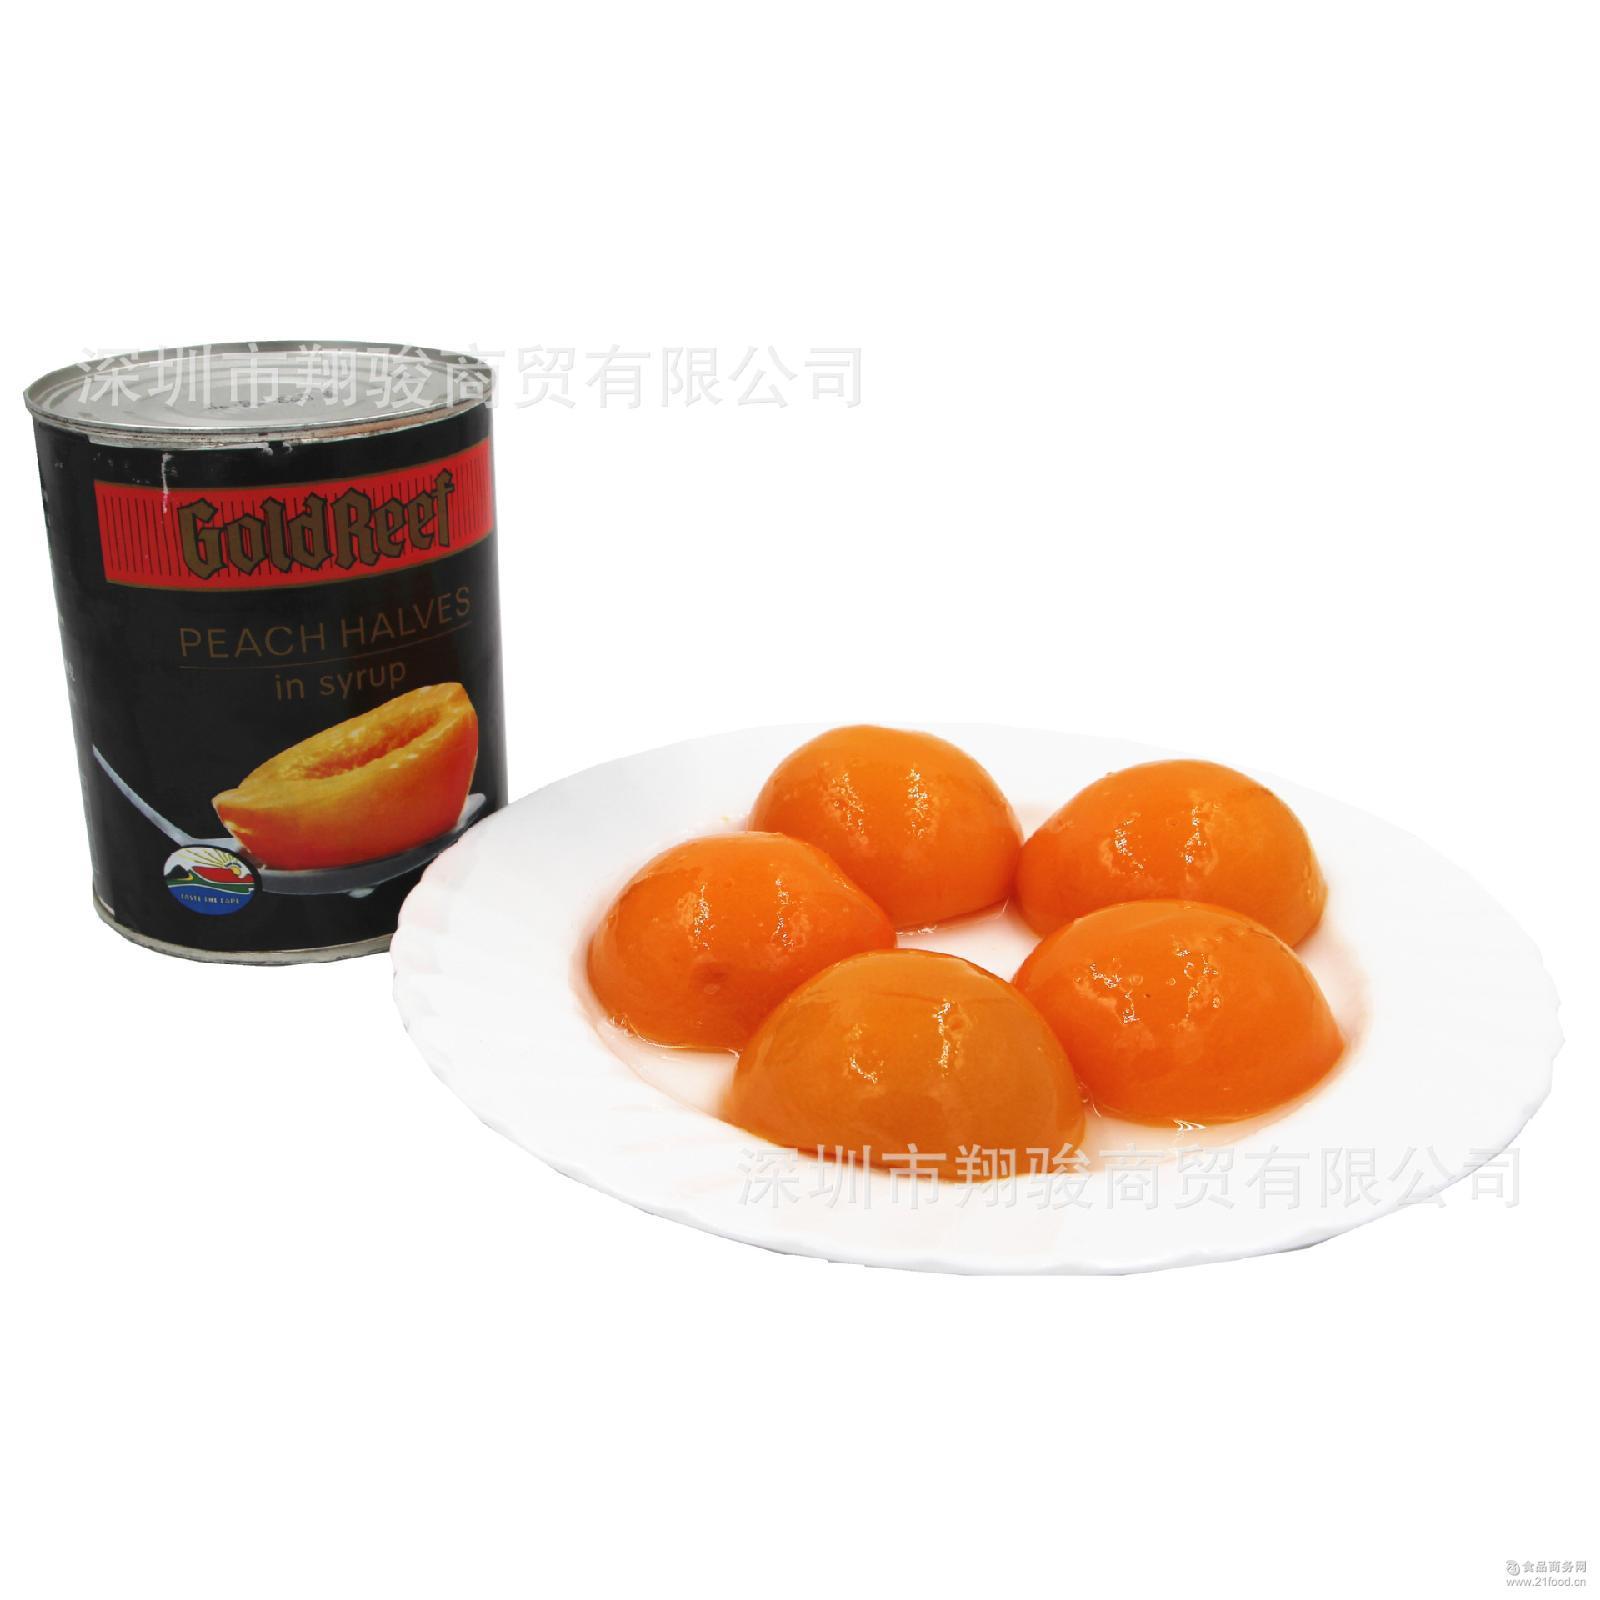 休闲零食 进口食品烘焙食材 水果罐头糖水 南非*黄桃罐头